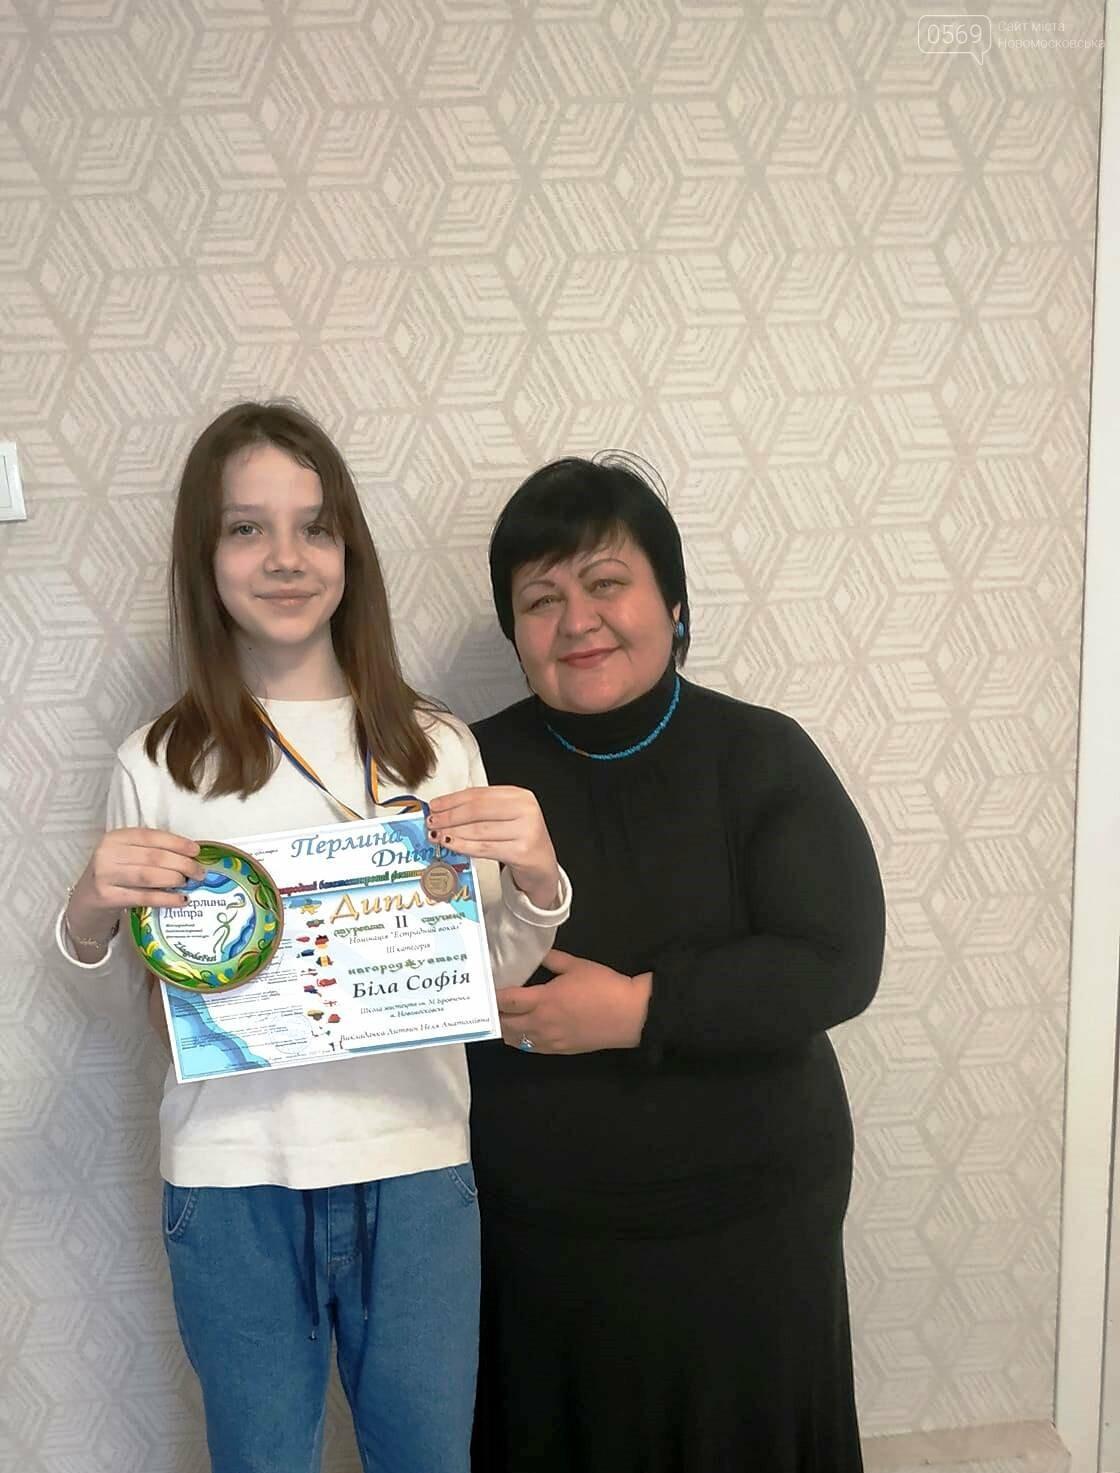 Юні вокалістки з Новомосковська здобули звання Лауреатів ІІ ступеню на міжнароному конкурсі, фото-3